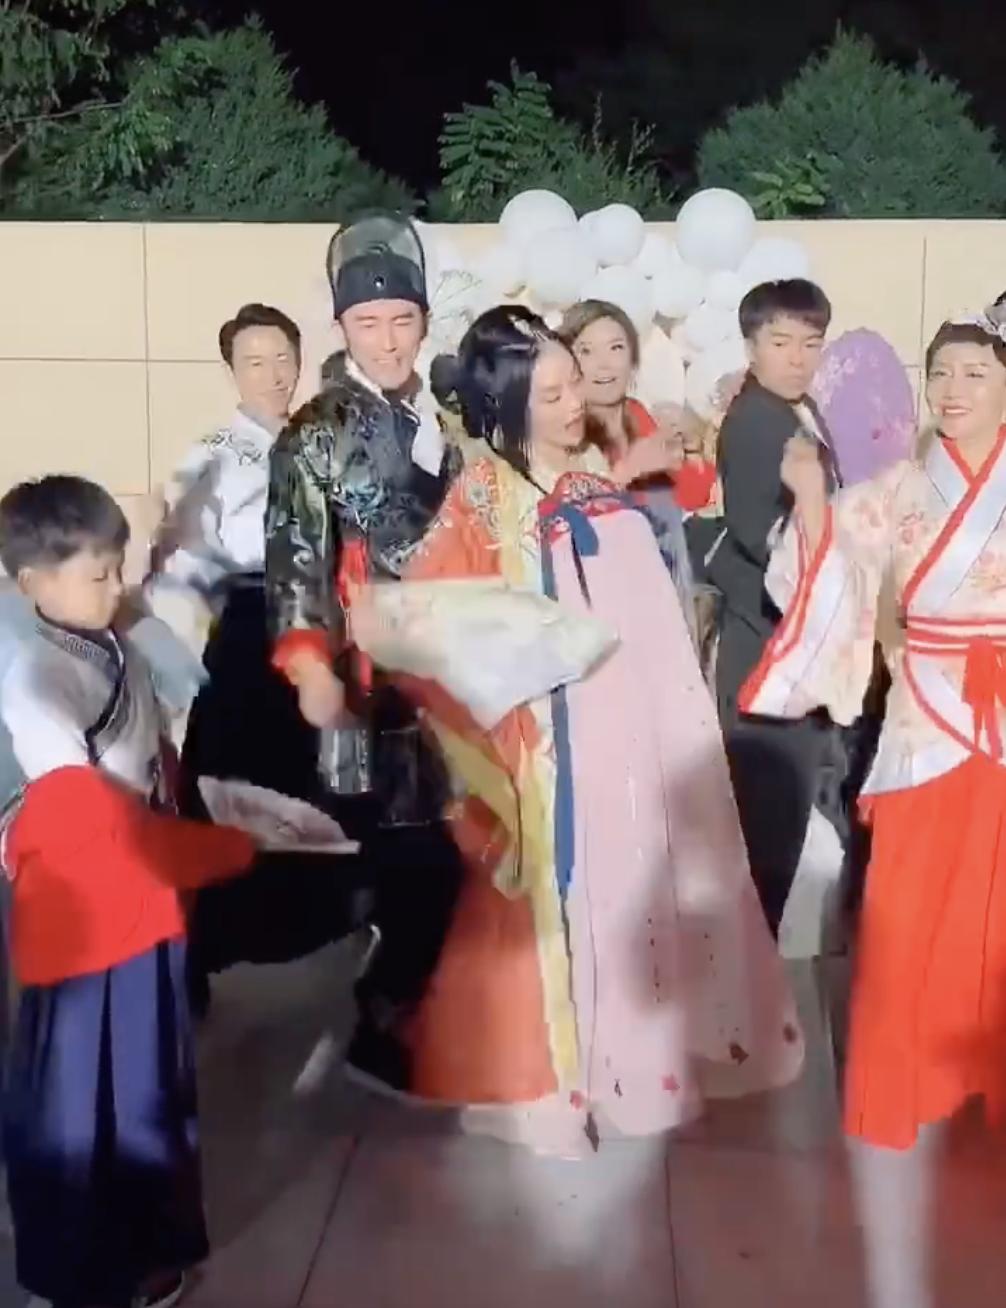 钟丽缇庆49岁生日,与丈夫女儿劲歌热舞,却手捂小腹显出突起大肚